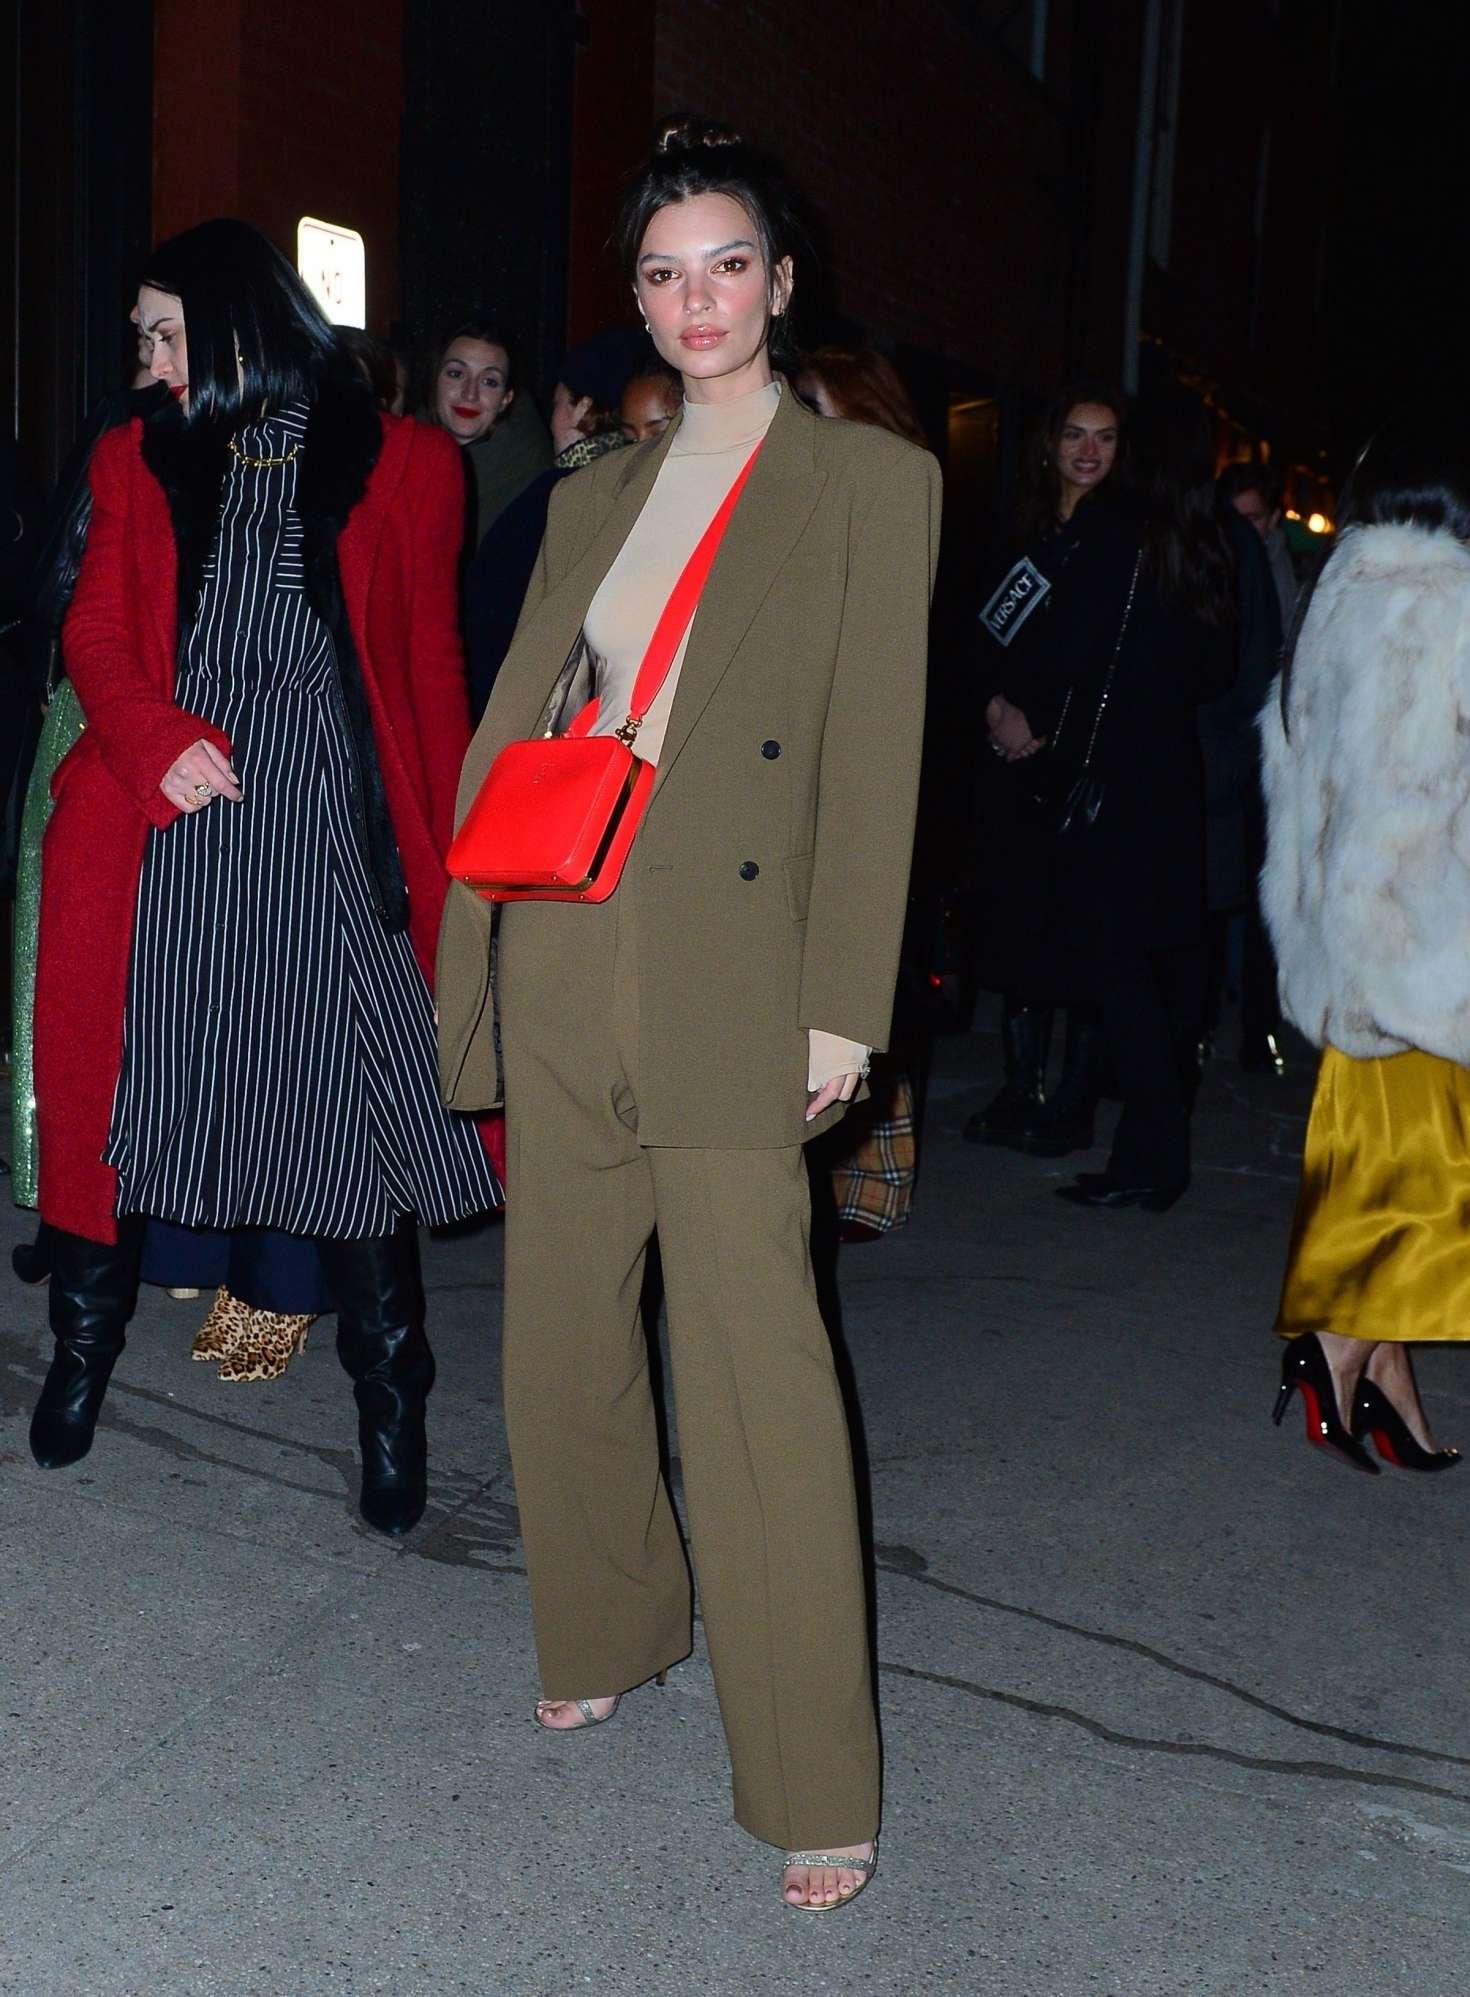 Emily Ratajkowski 2019 : Emily Ratajkowski: Attend the Tiffany & Co party -05